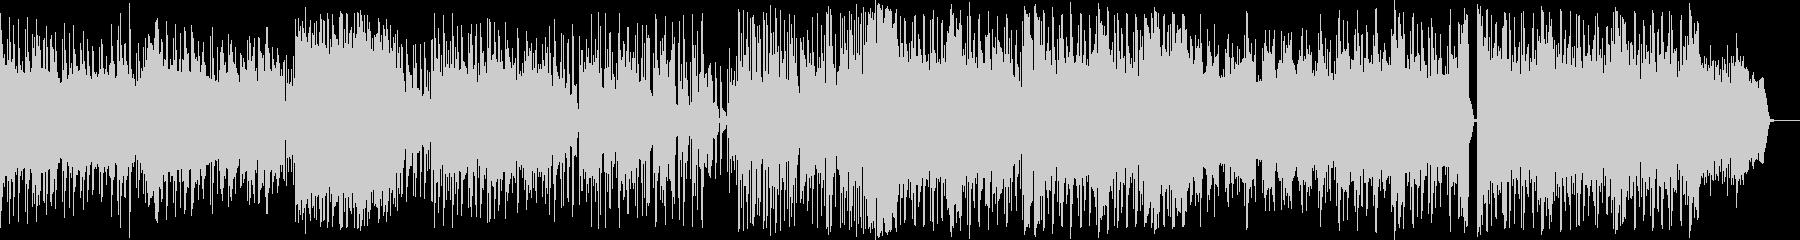 EDMエスニック生ヴァイオリン、生ボイスの未再生の波形